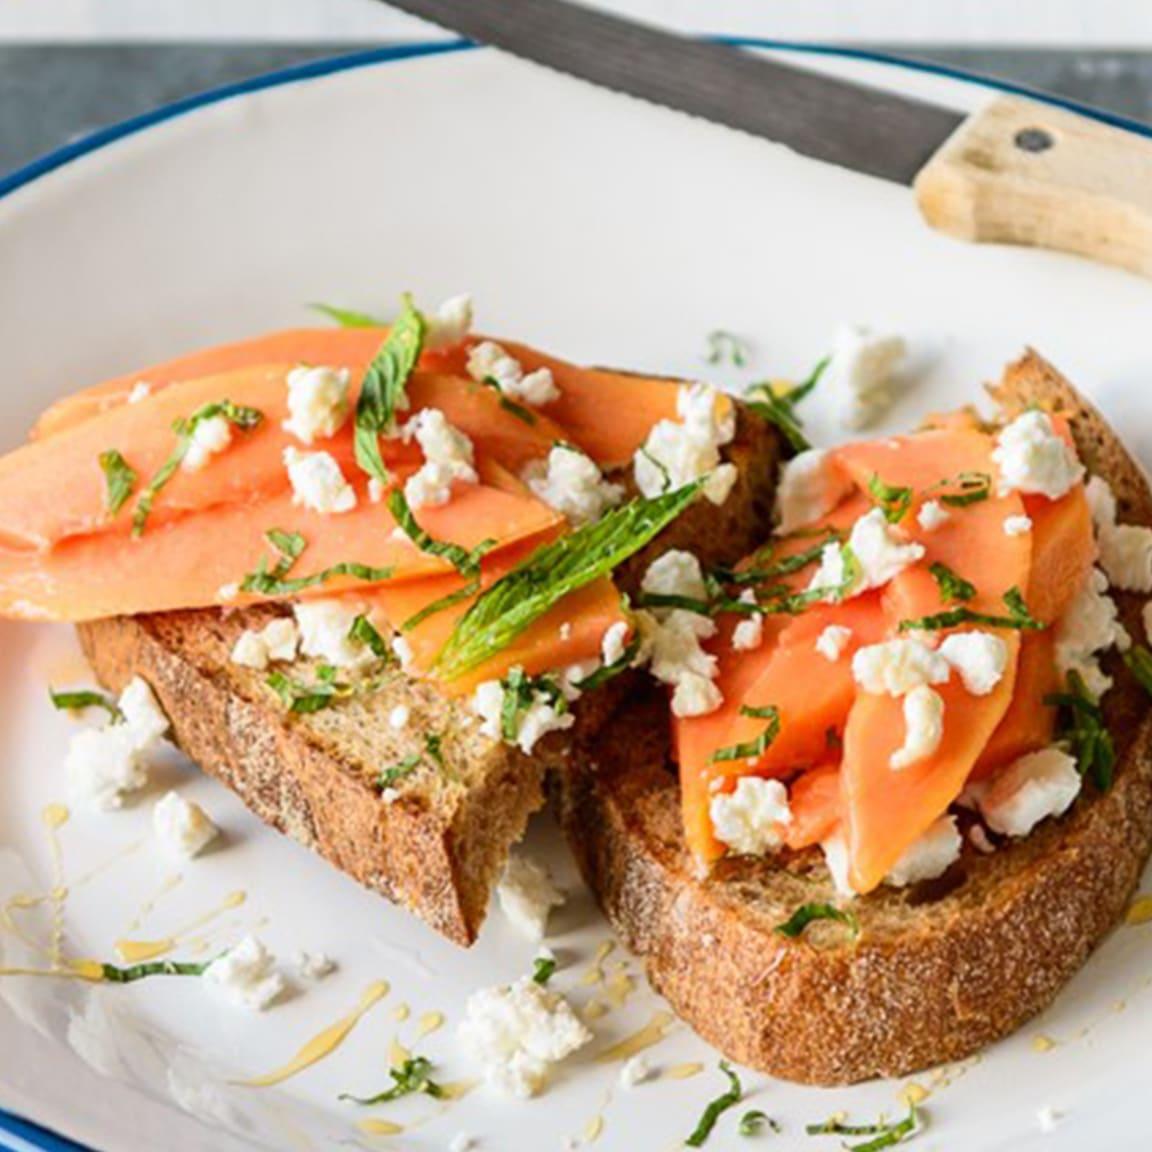 Recipe: Papaya, Goat Cheese and Honey Toast